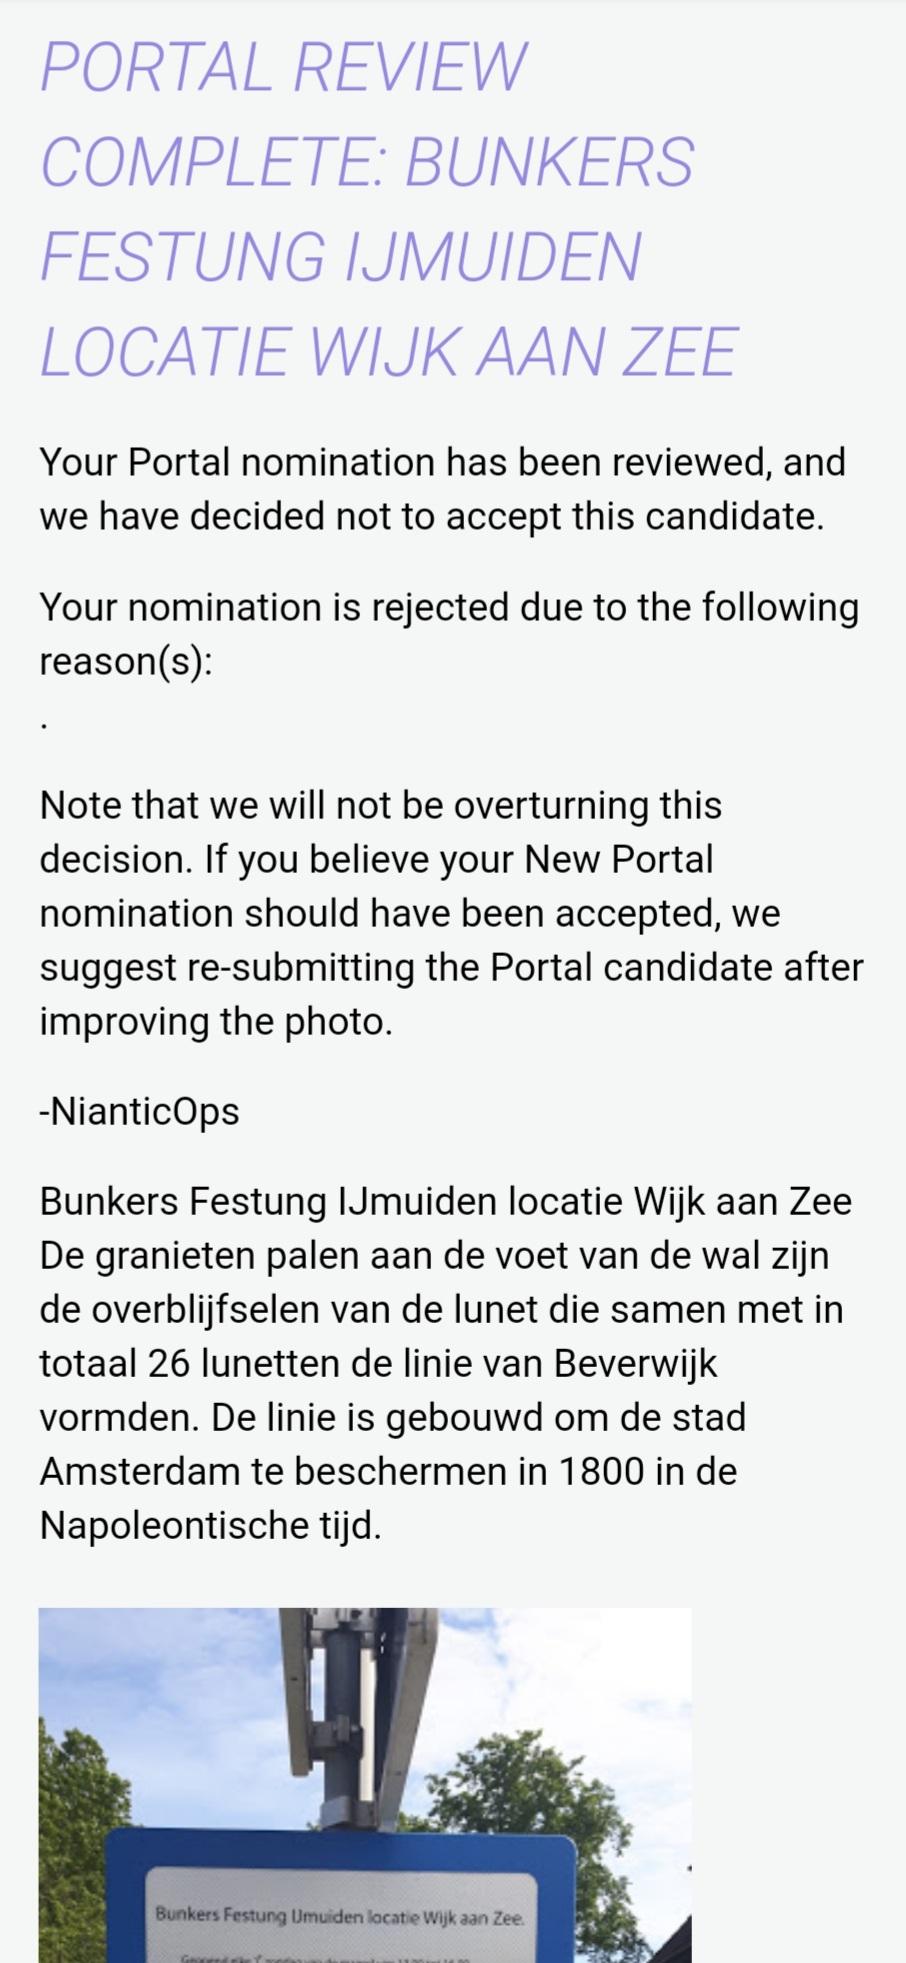 Bunkers Festung IJmuiden locatie Wijk aan Zee mail.jpg